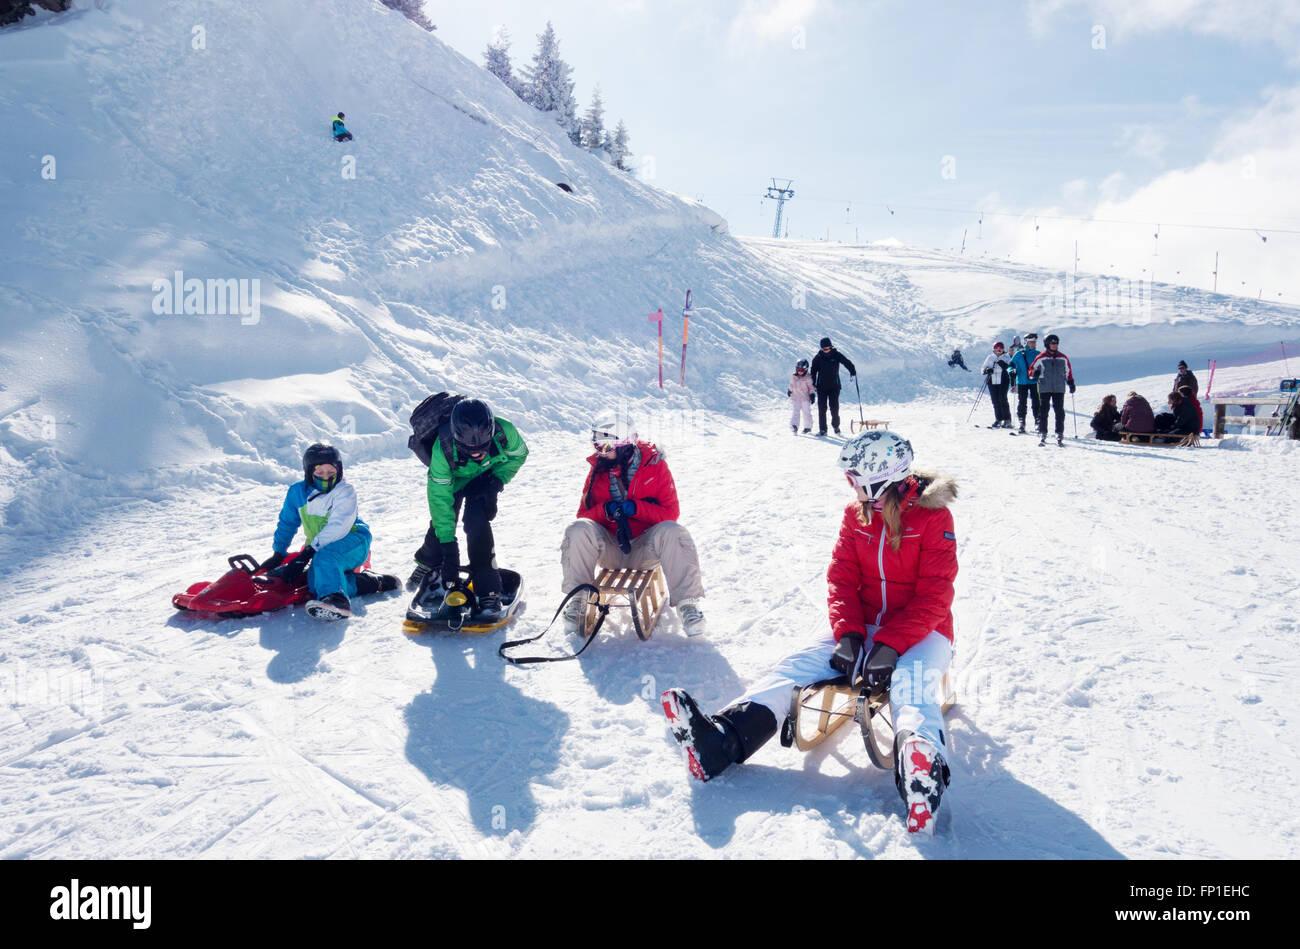 Gli adolescenti e i bambini lo slittino nelle Alpi Svizzere a Lenk, cantone di Berna, Svizzera, Europa Immagini Stock